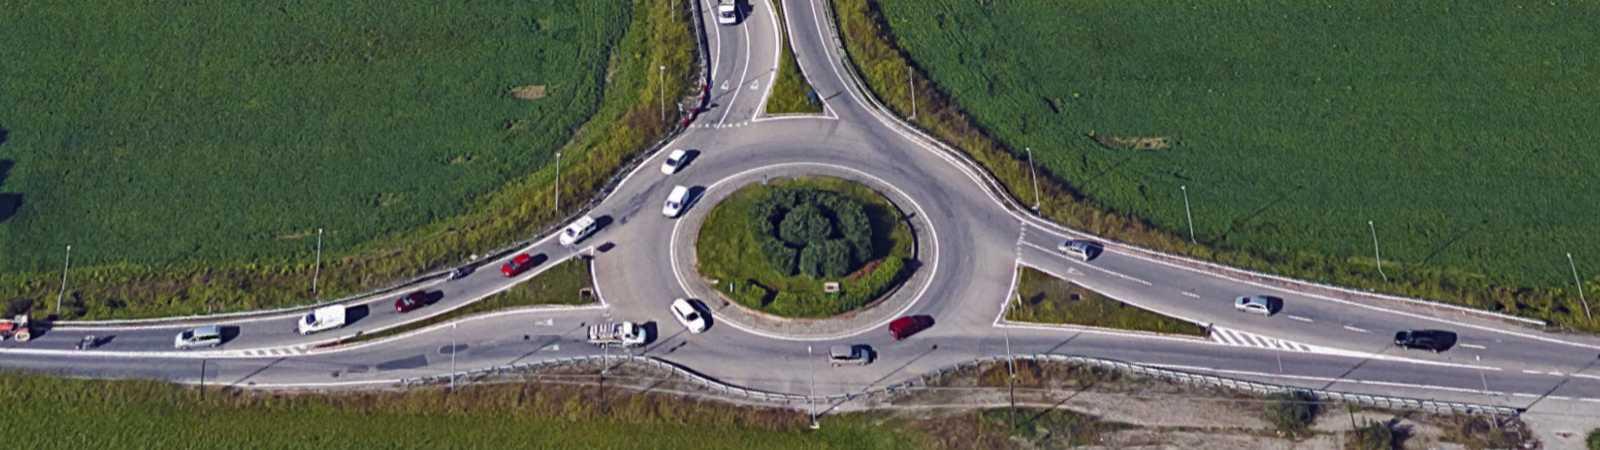 progettazione interventi di moderazione e fluidificazione del traffico